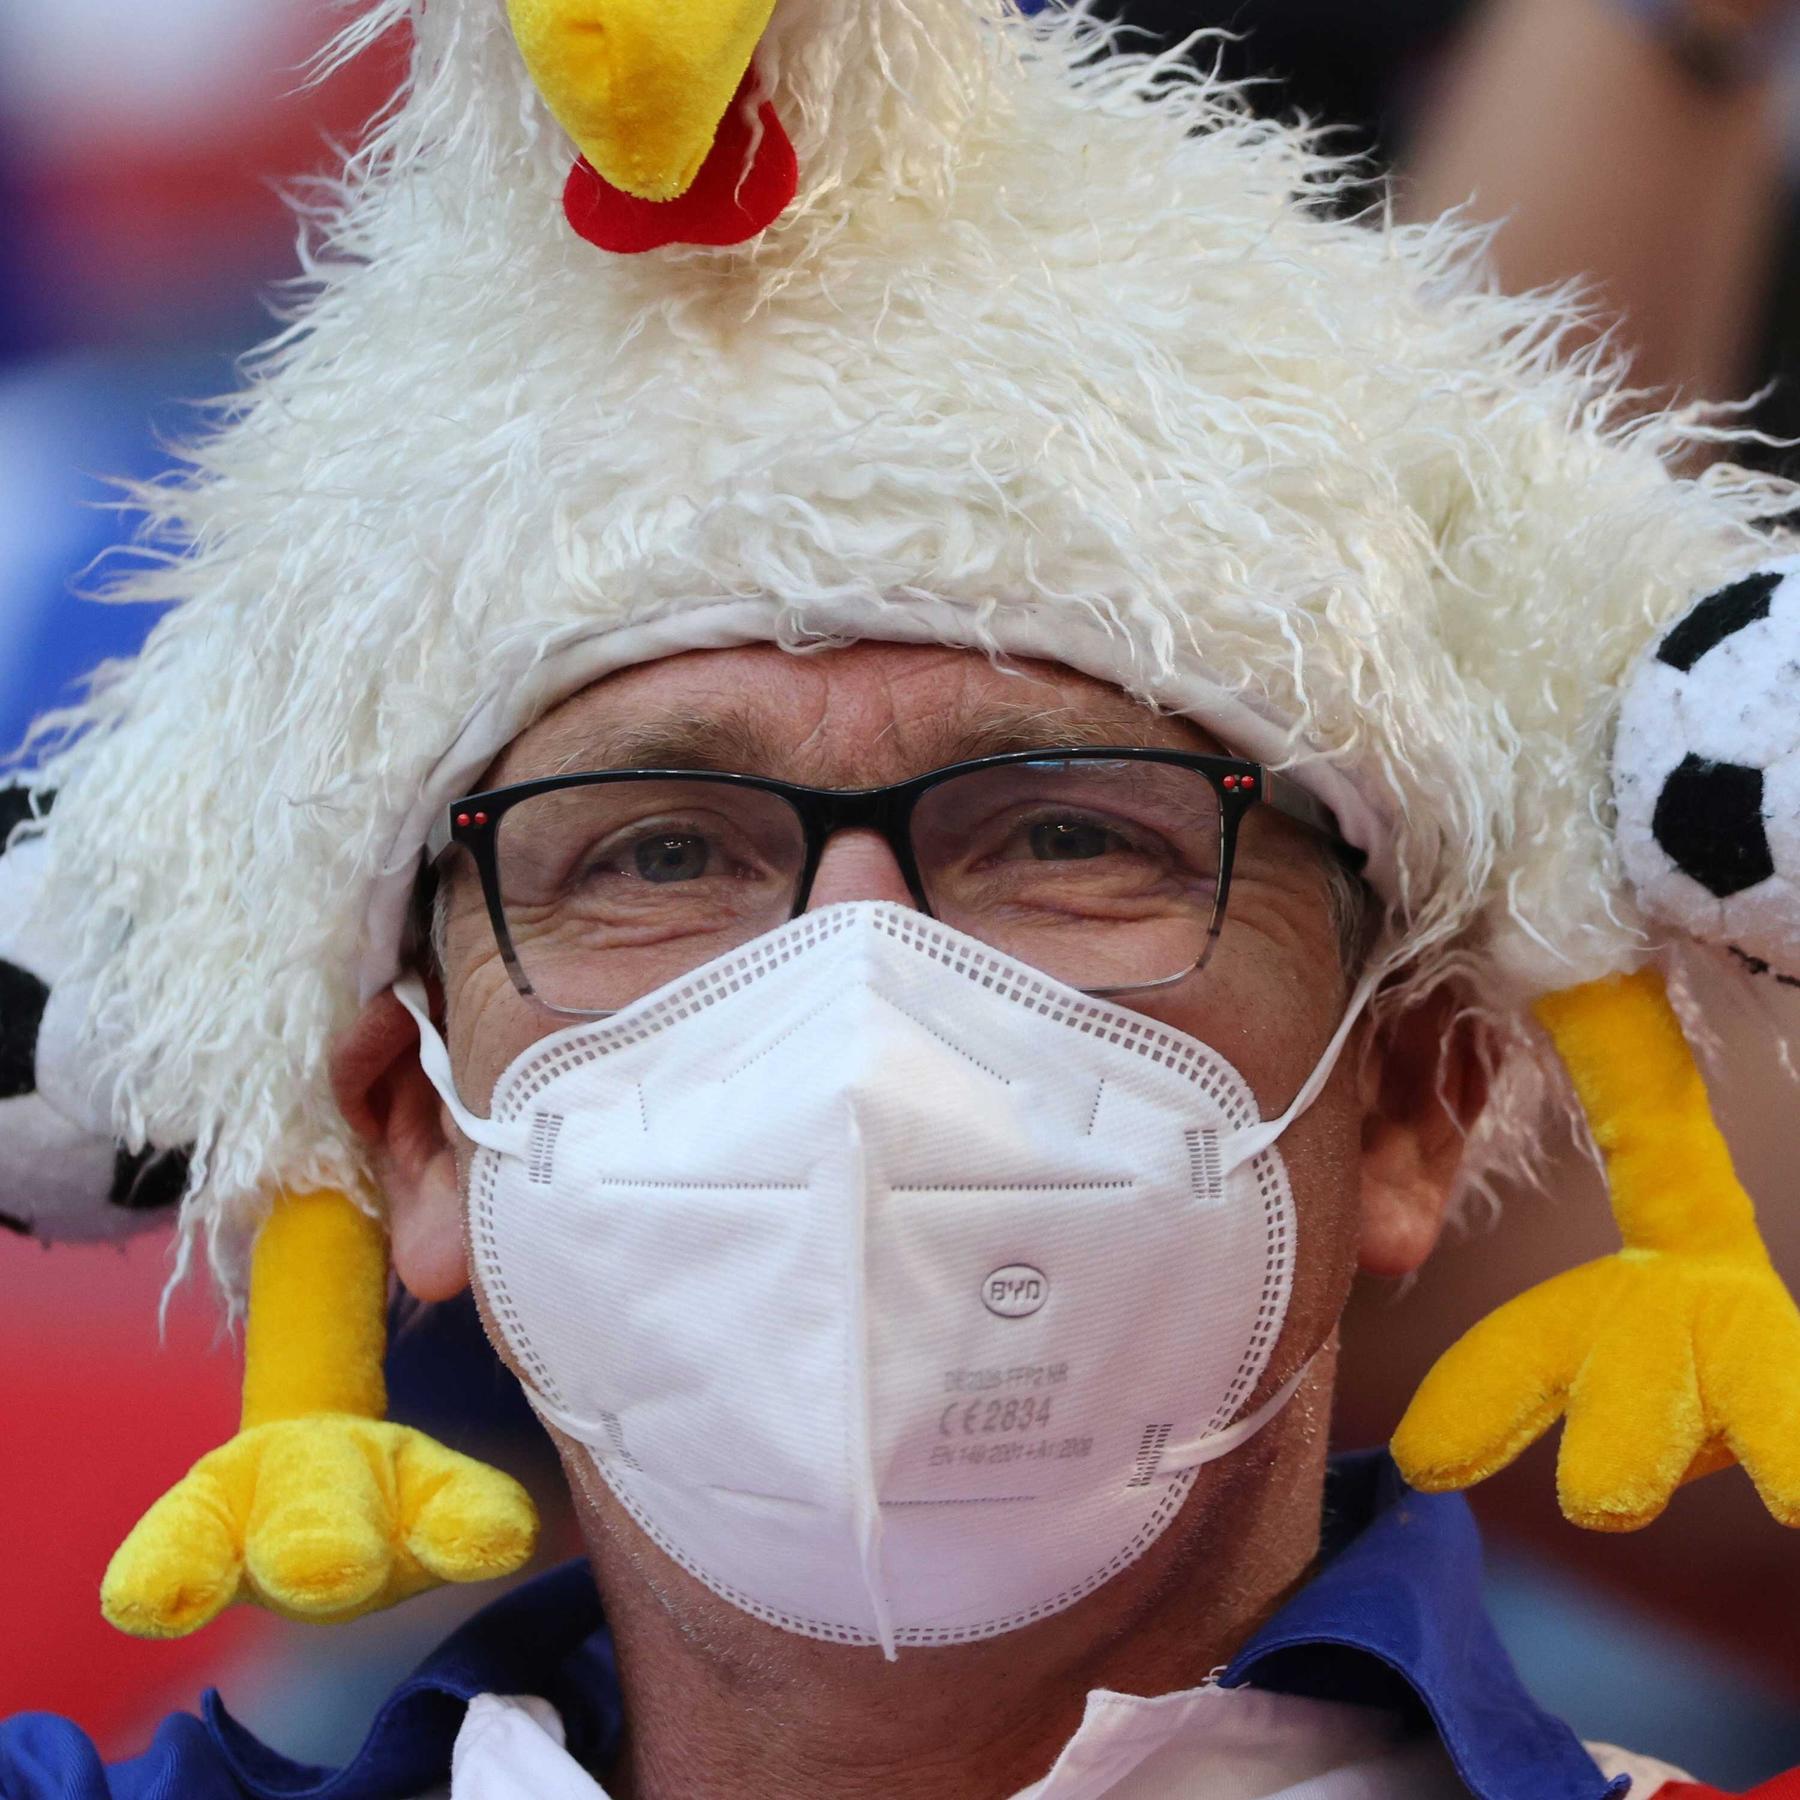 Mit Mundschutz ins Stadion - Fußball schauen ohne Maske erhöht Infektionszahlen